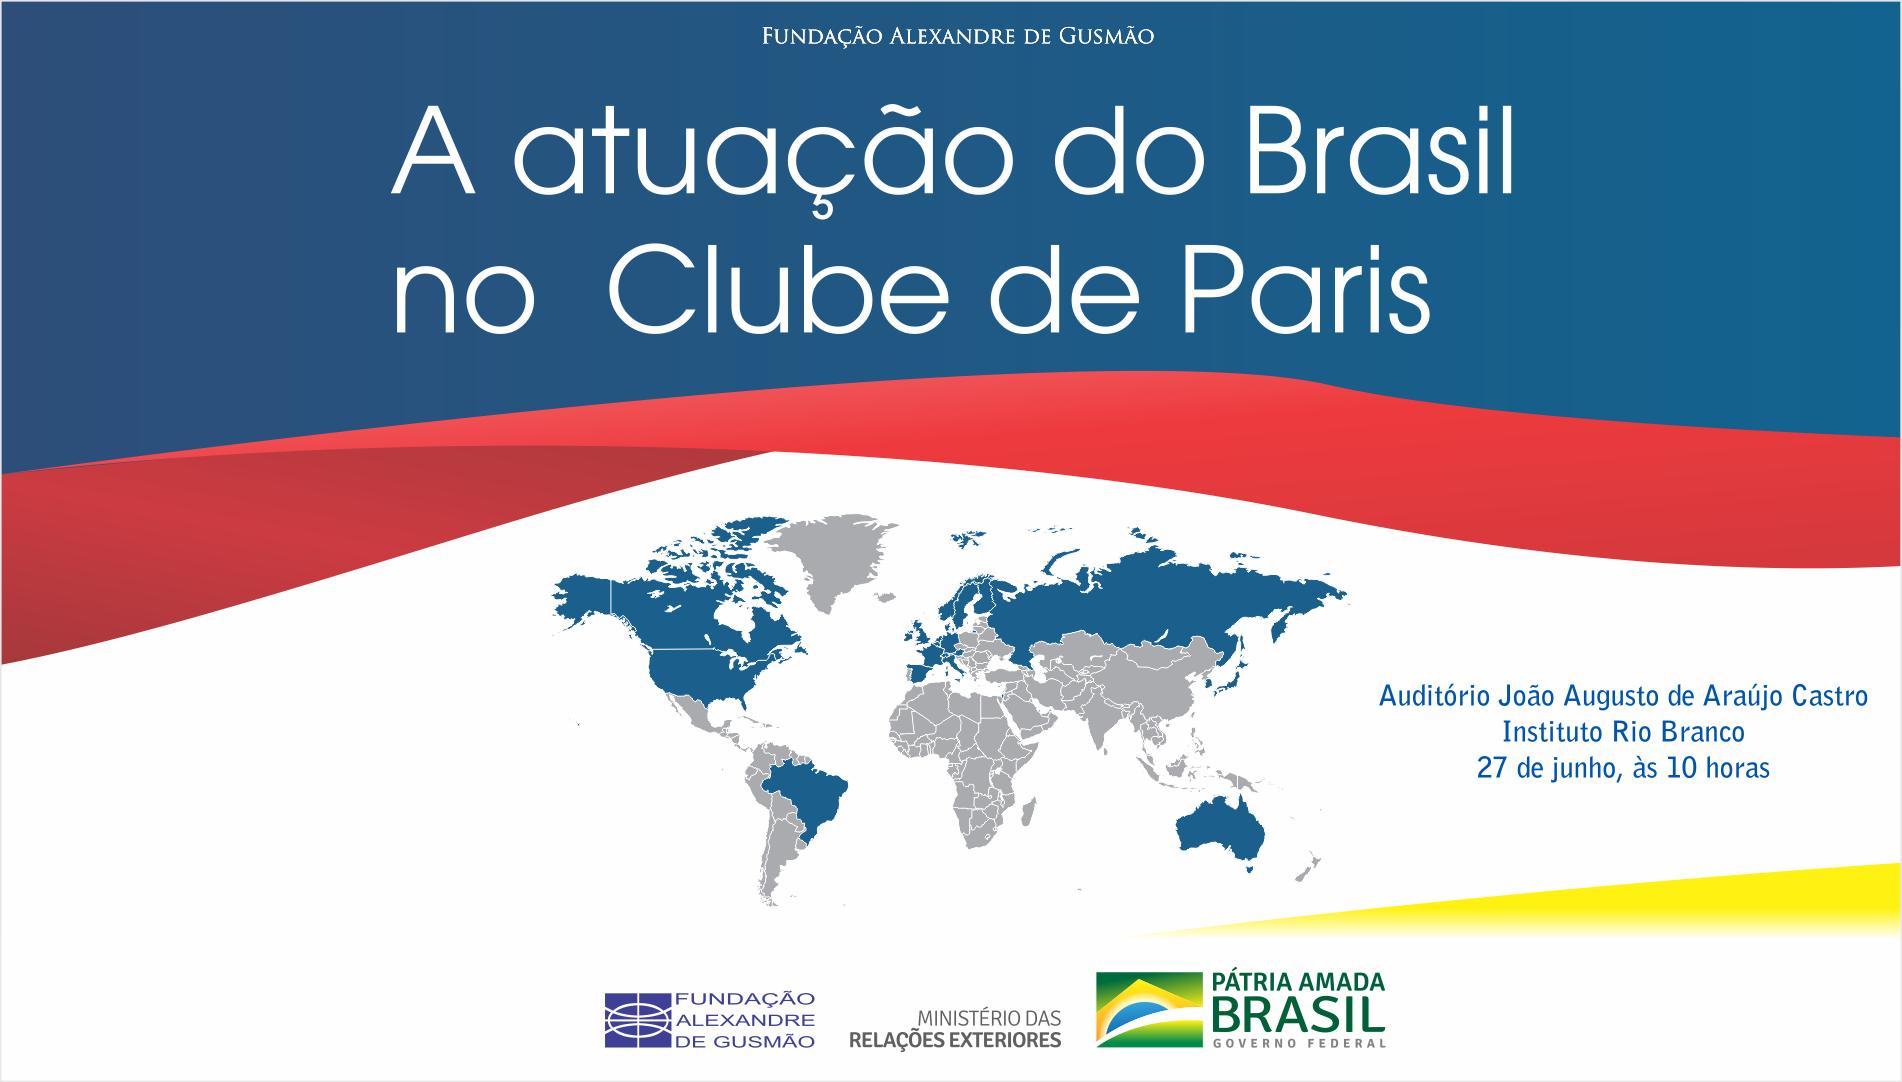 Itamaraty e FUNAG promovem palestra sobre o Clube de Paris